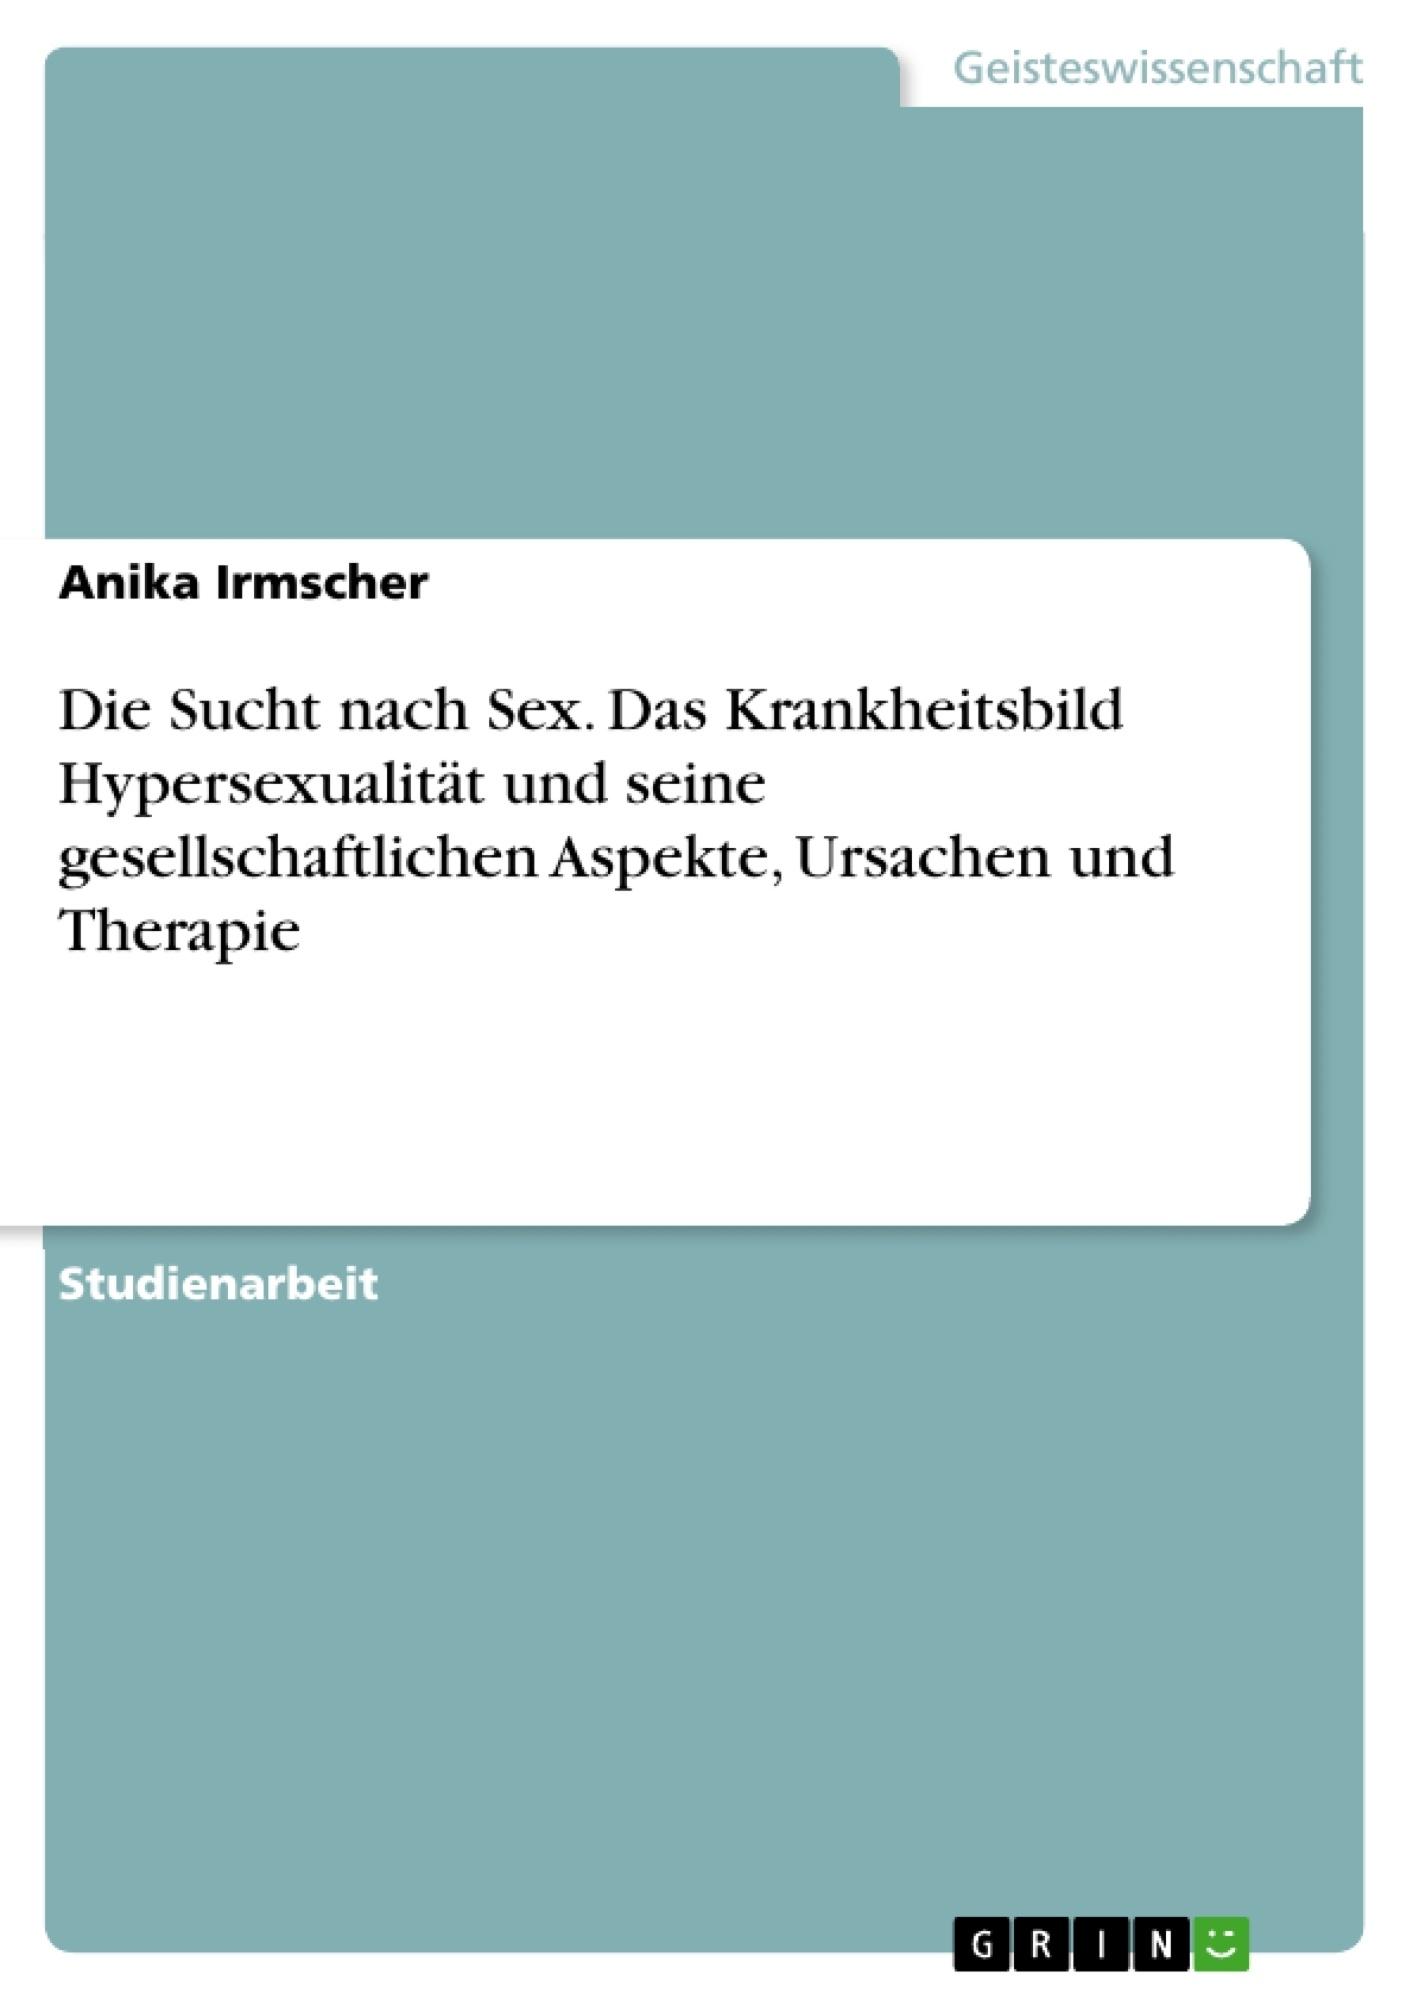 Titel: Die Sucht nach Sex. Das Krankheitsbild Hypersexualität und seine gesellschaftlichen Aspekte, Ursachen und Therapie